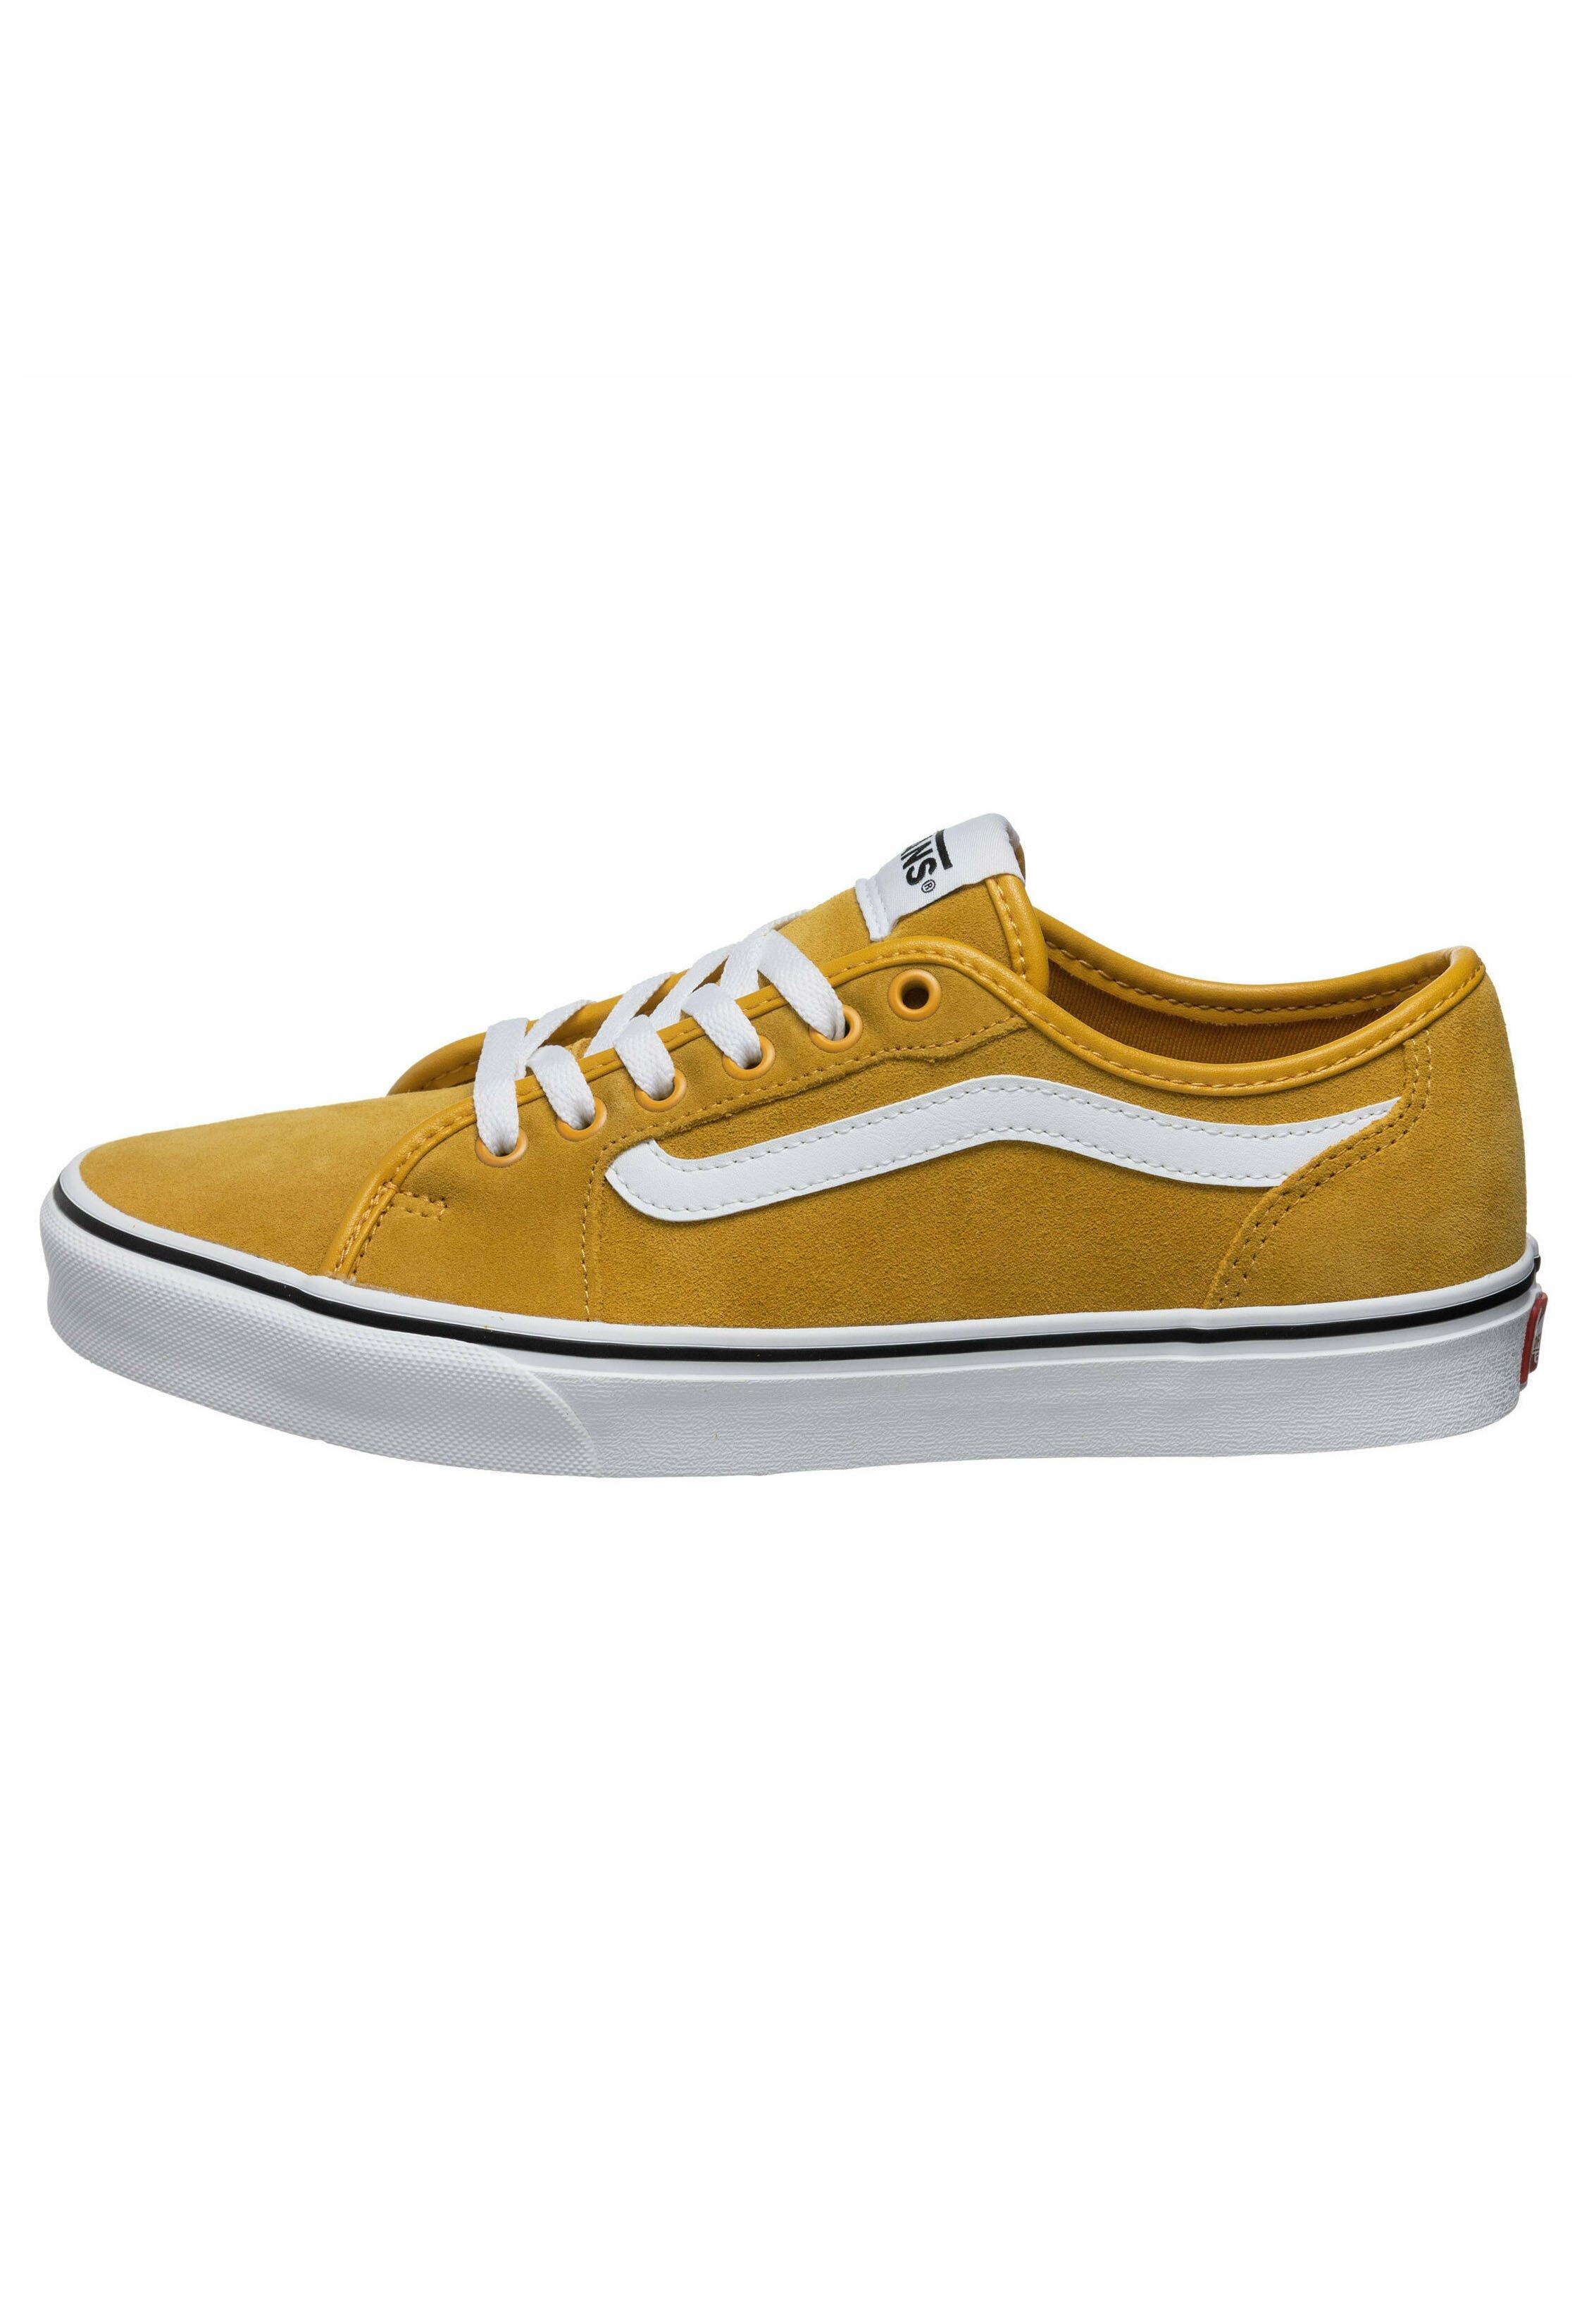 Chaussures Vans jaune | Nouvelle collection sur Zalando